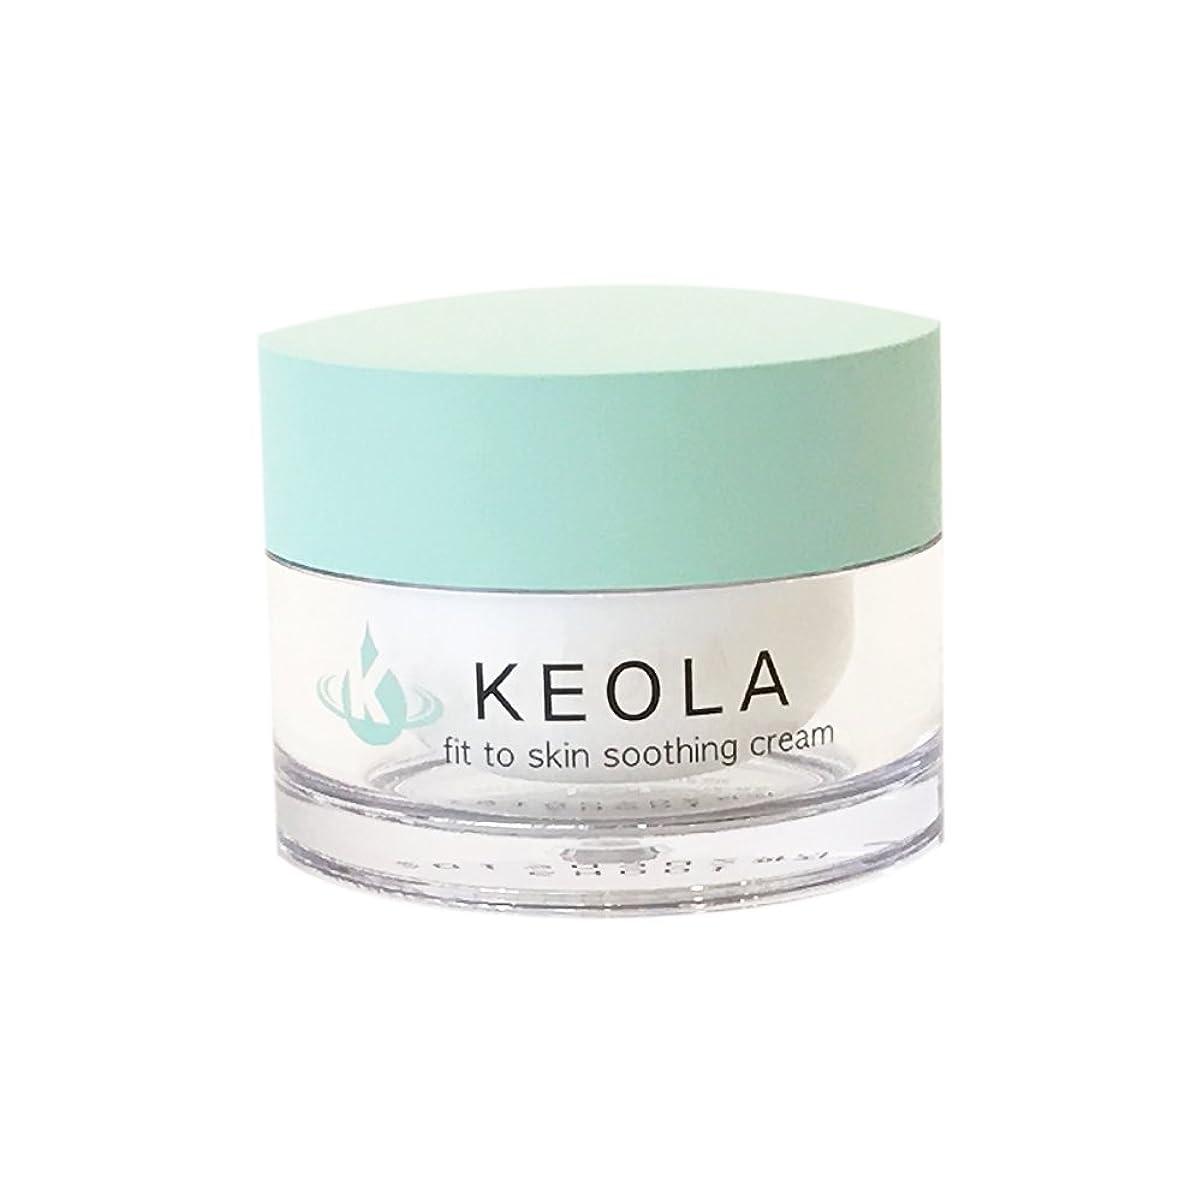 責任胸冷蔵庫[ケオラ] KEOLA フィットスキンスージングクリーム 50g (KEOLA FIT TO SKIN SOOTHING CREAM 50g) [並行輸入品]